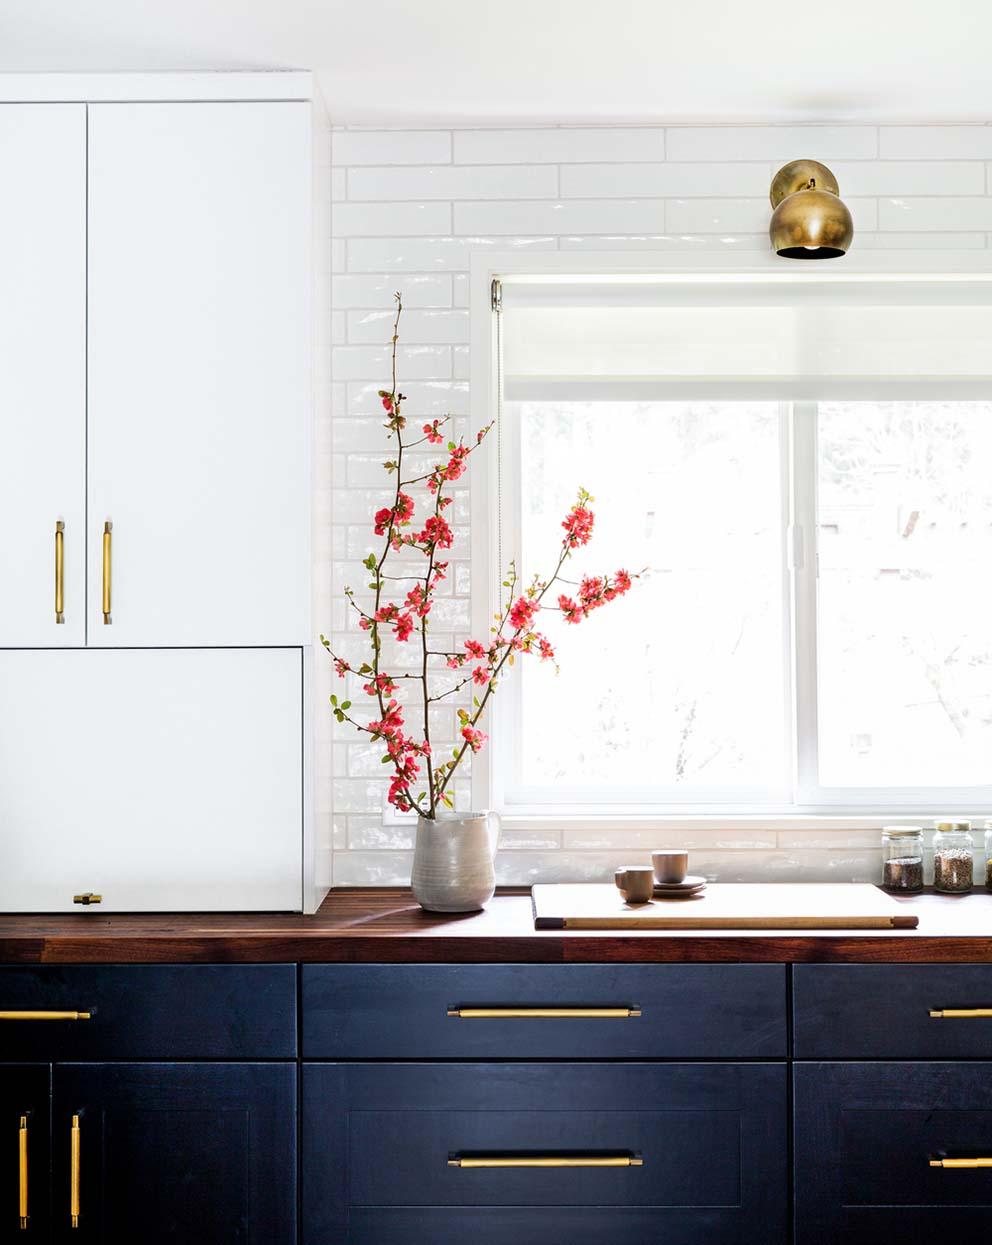 עיצוב: Brio Interior Design, צילום: Haris Kenjar